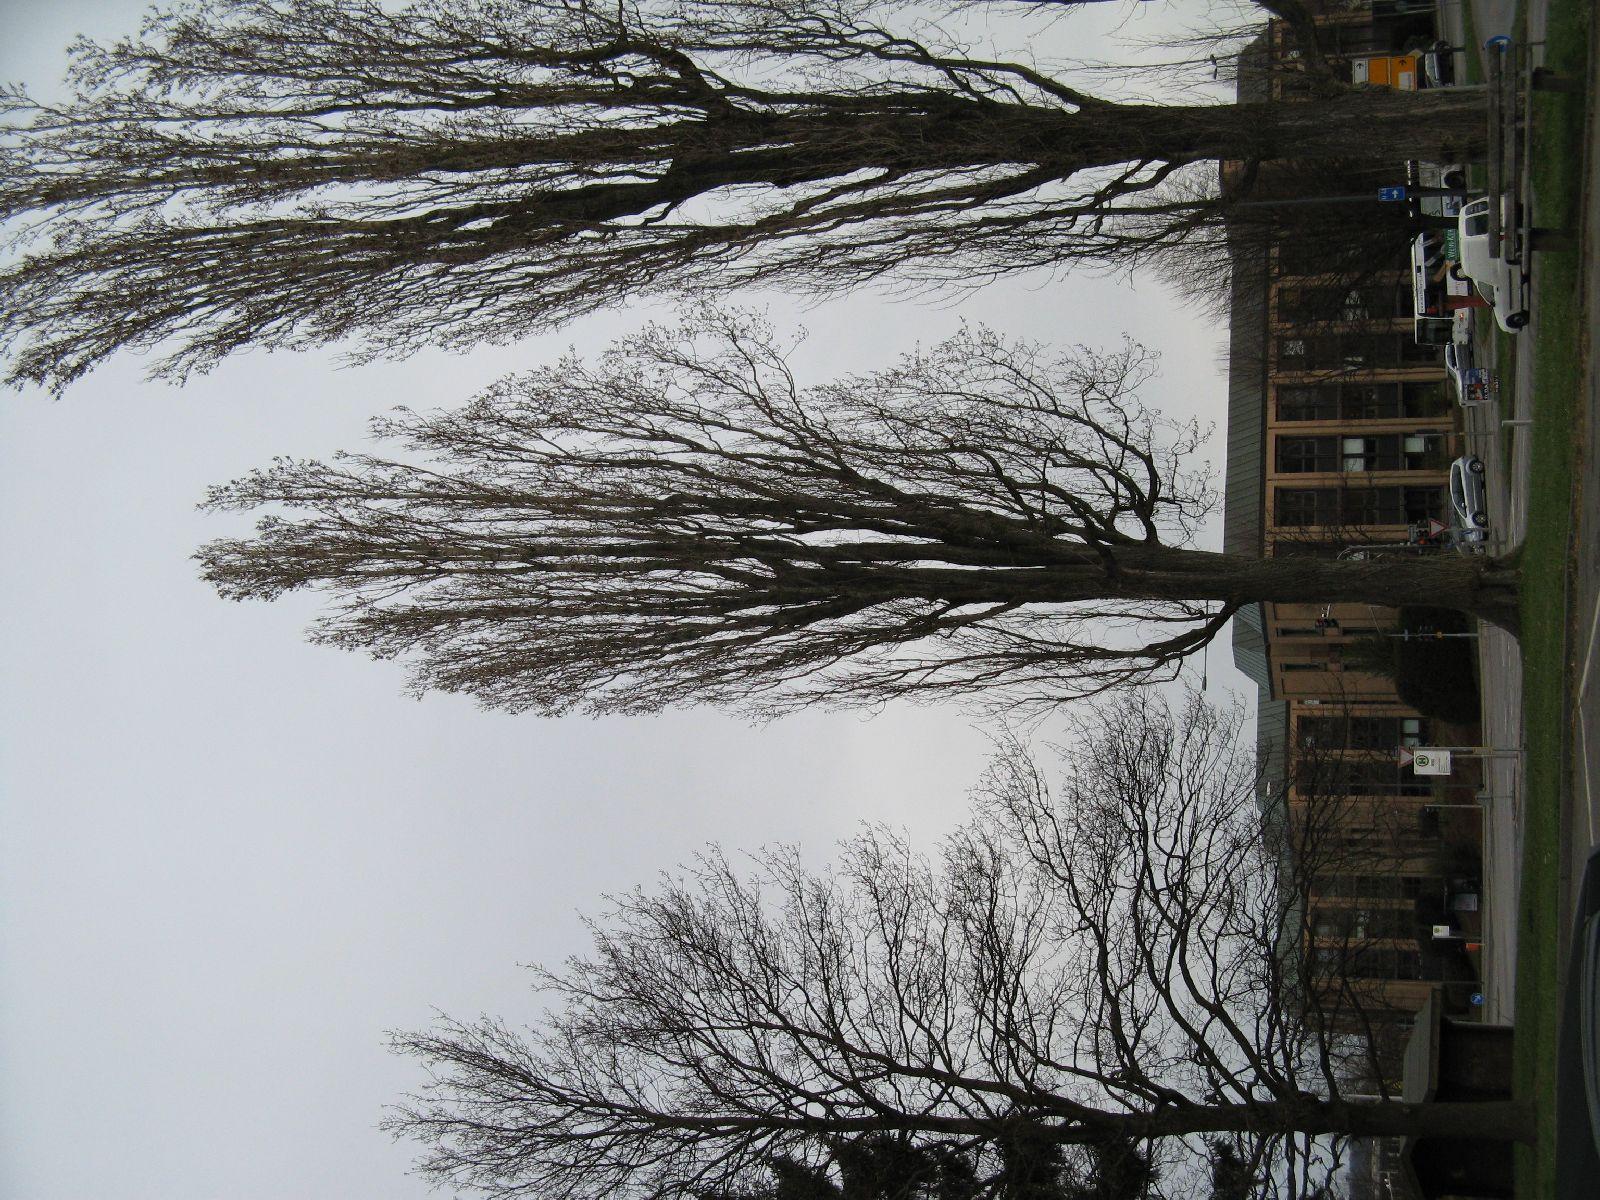 Pflanzen-Baum-Silhouette-Foto_Textur_B_5695